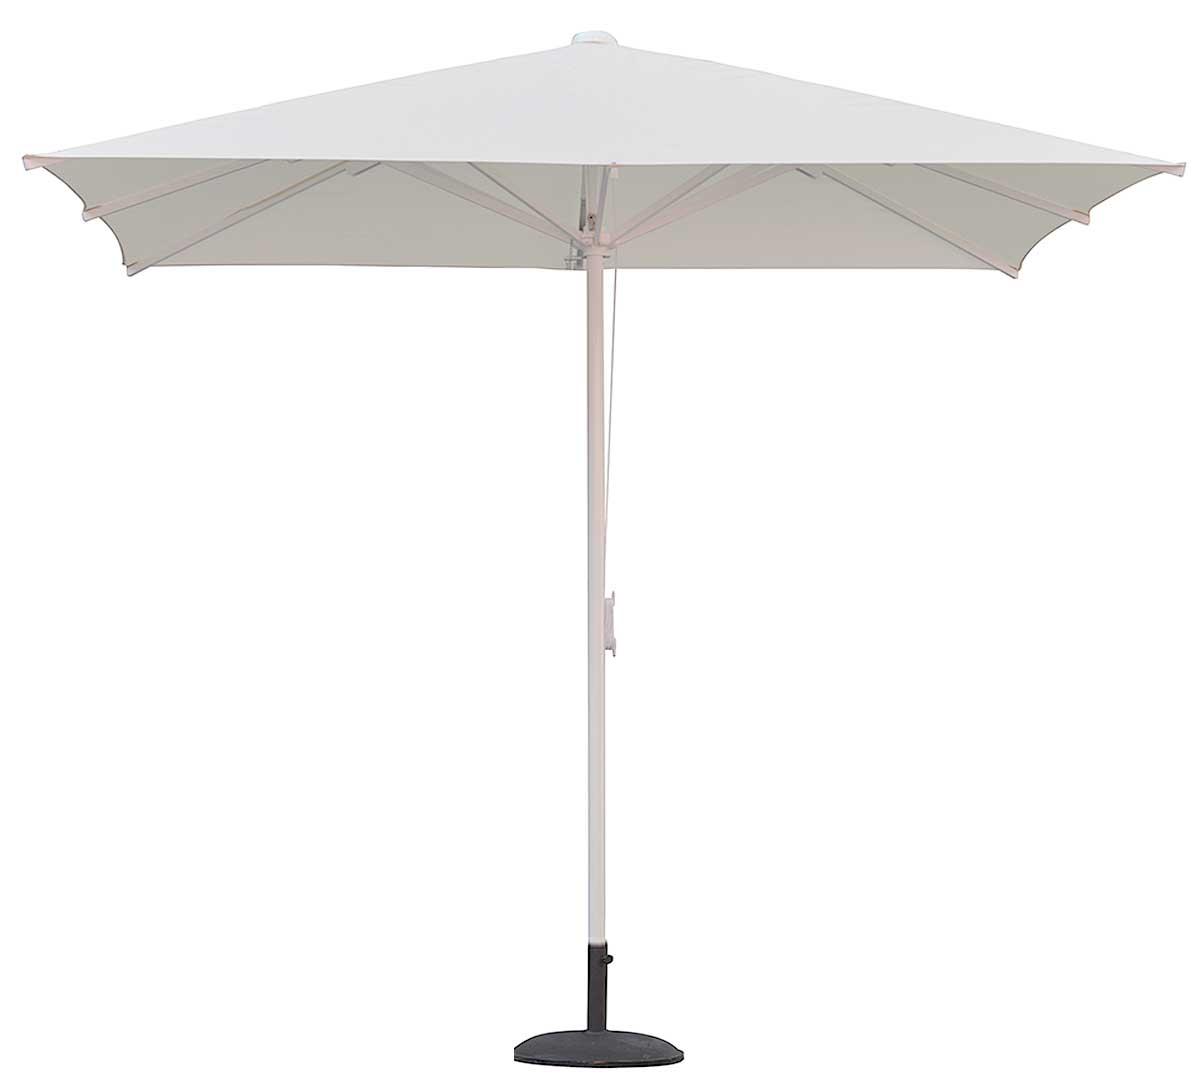 Parasol aluminio heavy duty 877 de conva - Recambio tela parasol ...